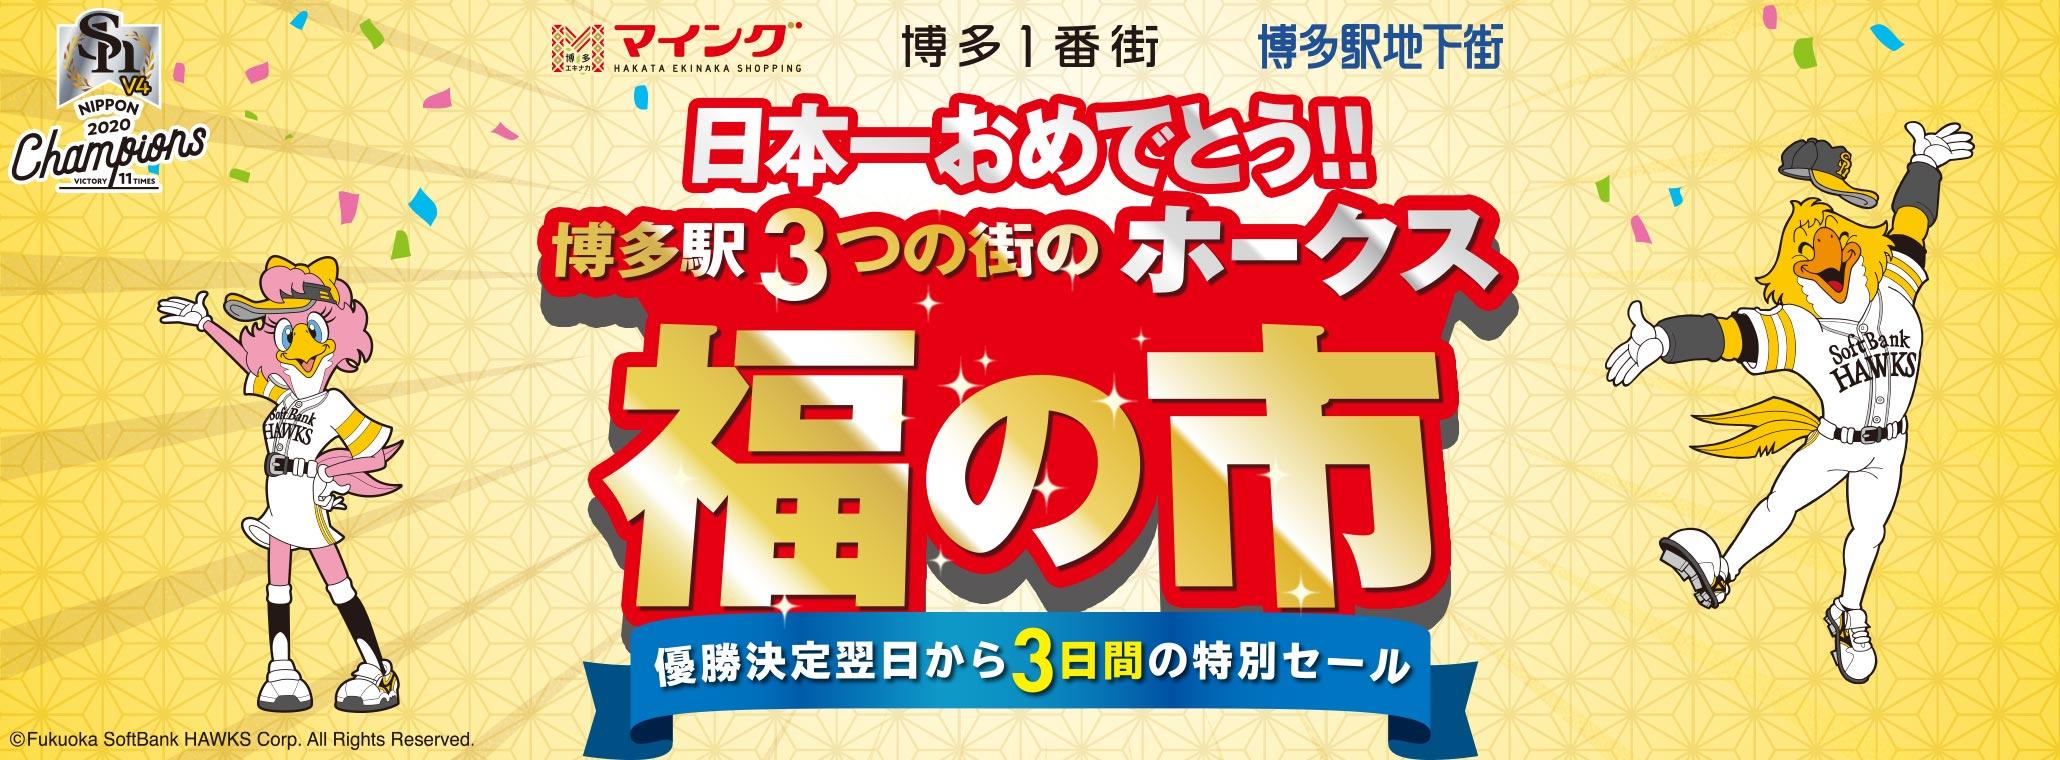 日本一おめでとう!!博多駅3つの街のホークス福の市